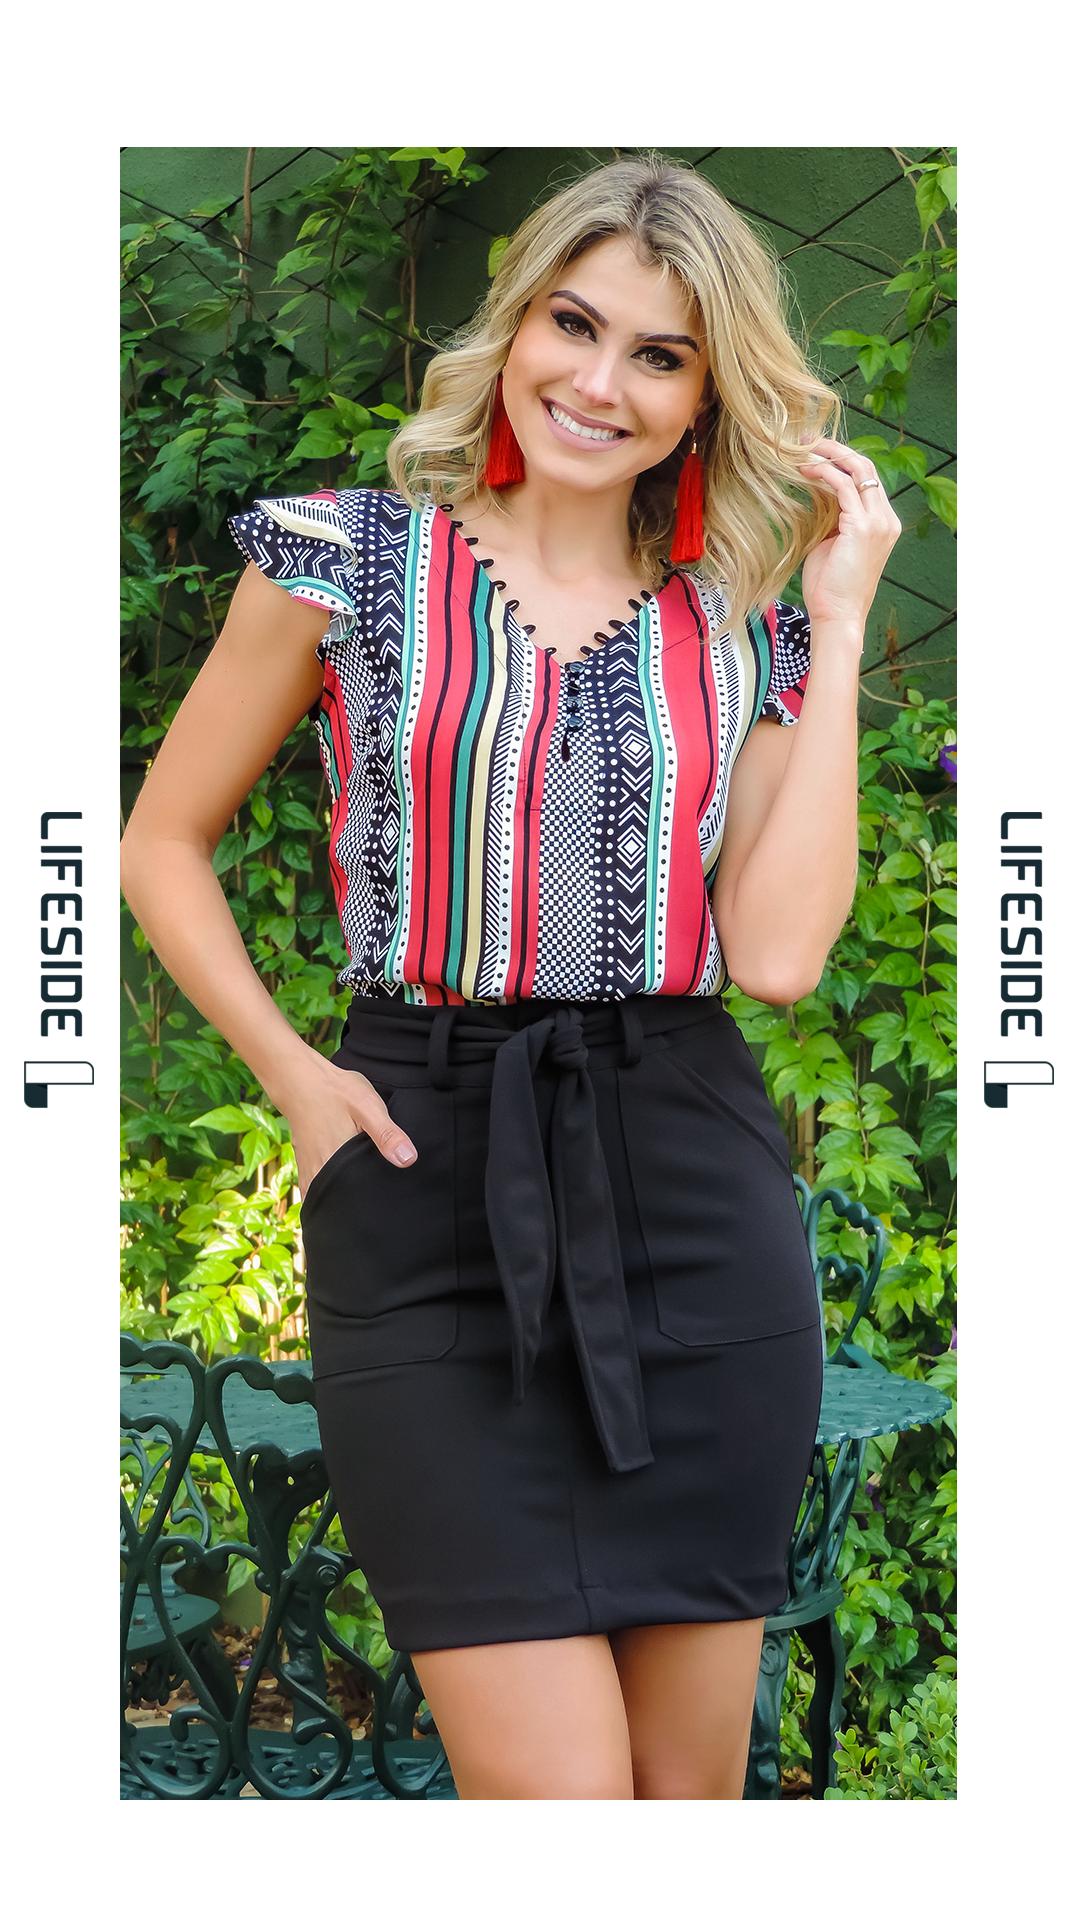 590fe9244caf LIFESIDE   Moda Feminina Preview Primavera 2018. Blusa estampada para o  look de trabalho. #Fashion #ModaFeminina #LookDoDia #Looks  #ModaPrimaveraVerao ...